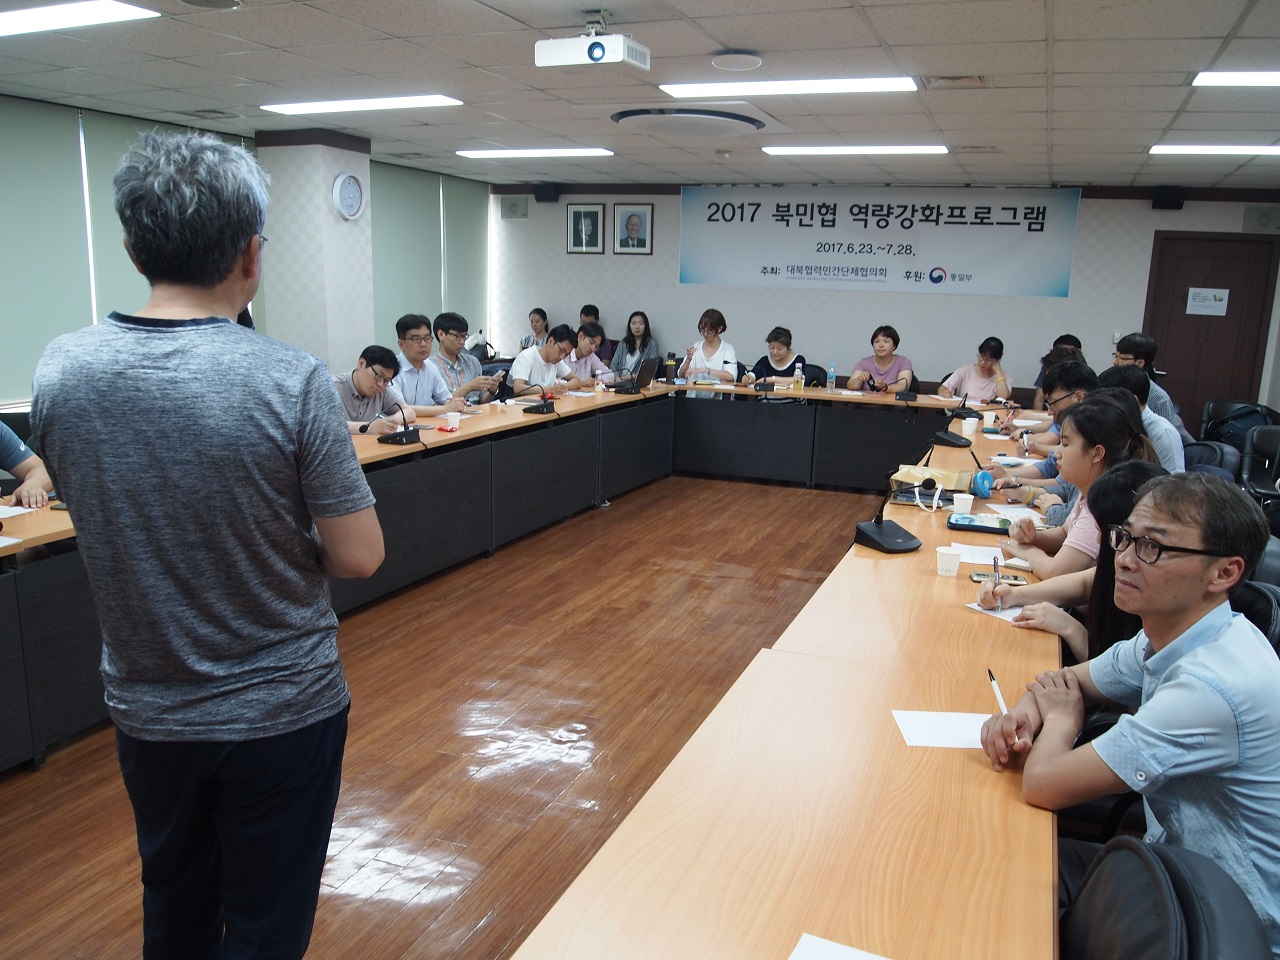 북민협 역량강화프로그램 1강이 6월23일 월드비전 대회의실에서 열렸다